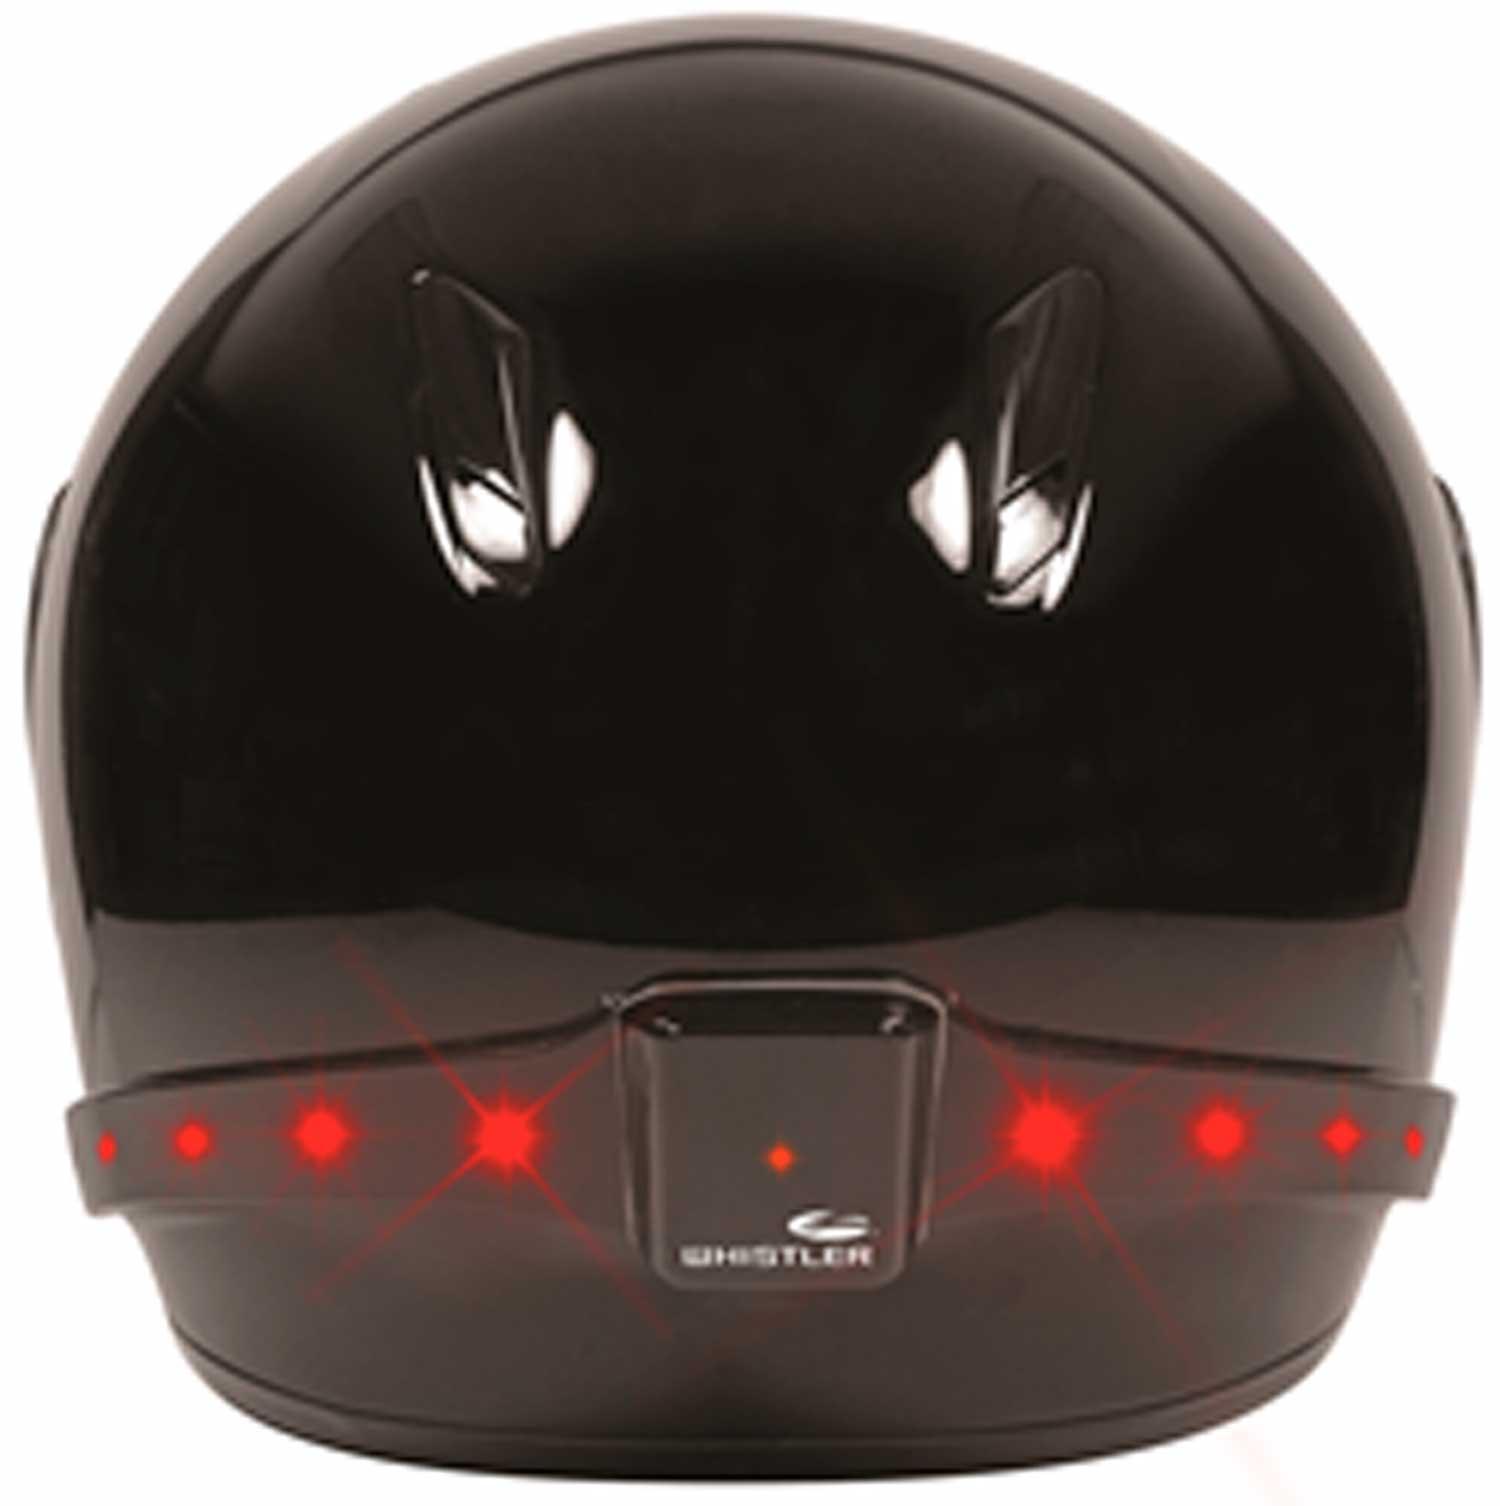 Whistlet-helmet-brake-light